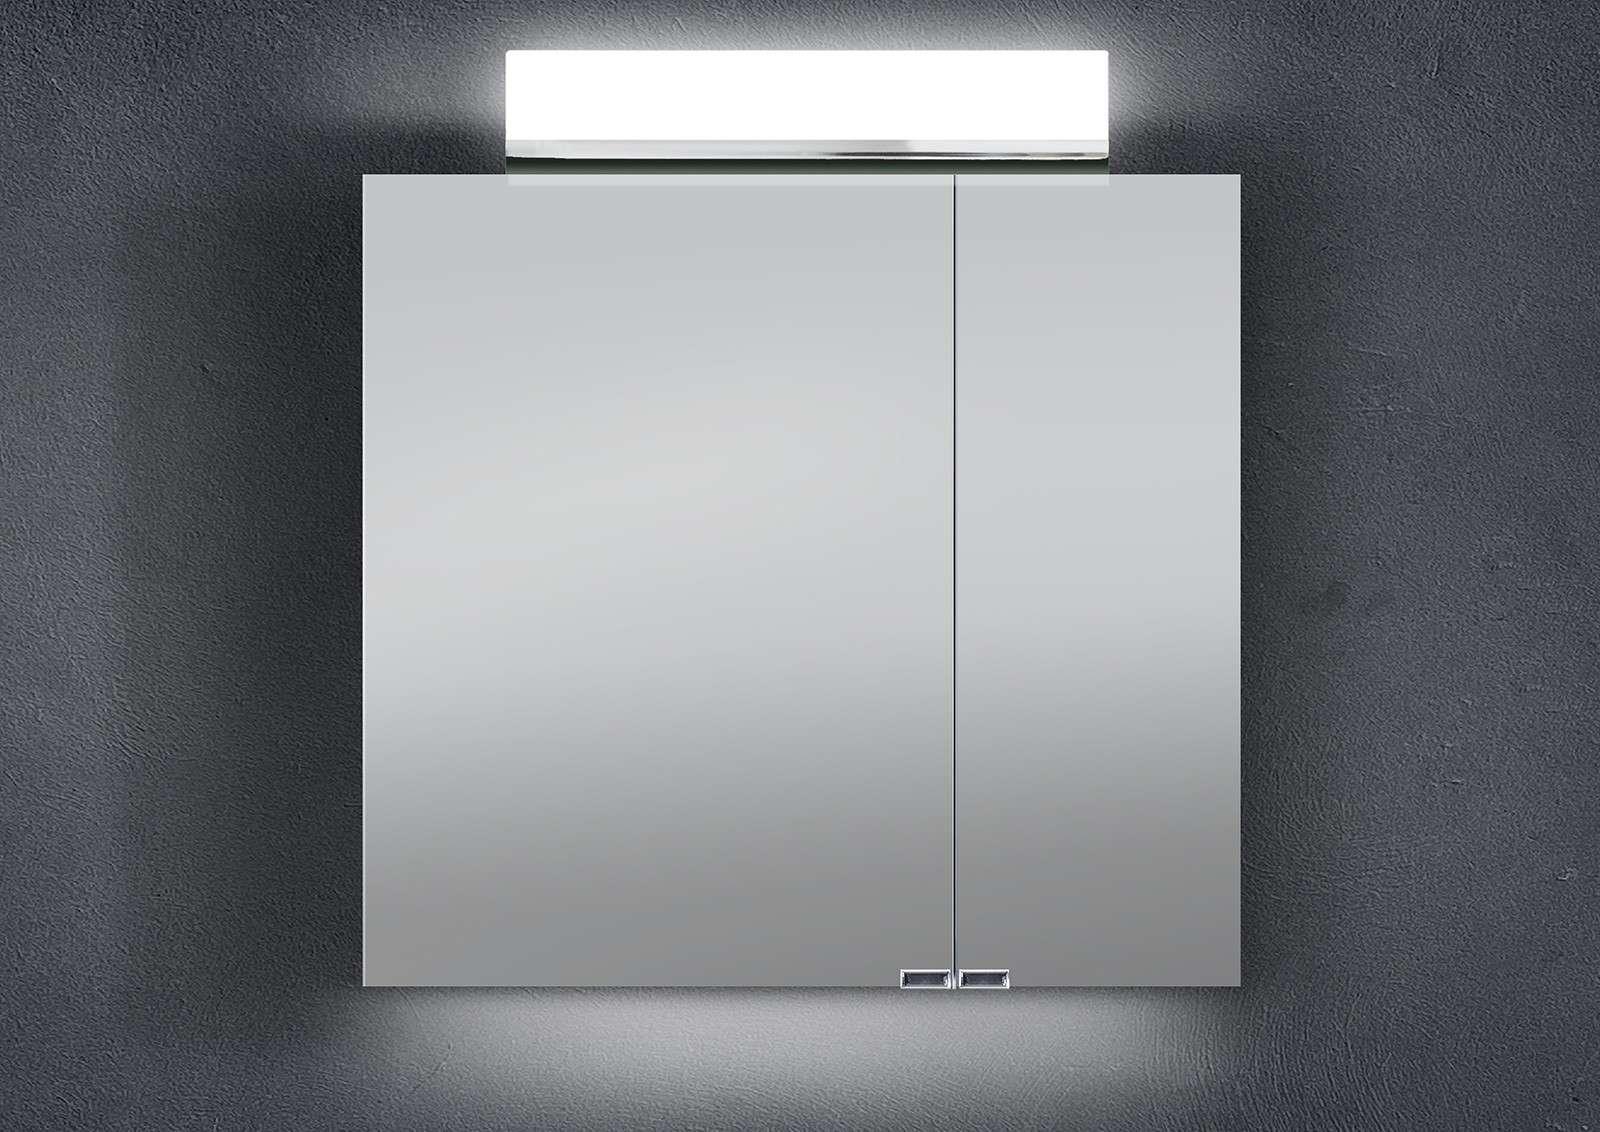 Badezimmer Spiegelschrank 70 Cm Breit : spiegelschrank 70 breit tv37 hitoiro ~ Bigdaddyawards.com Haus und Dekorationen